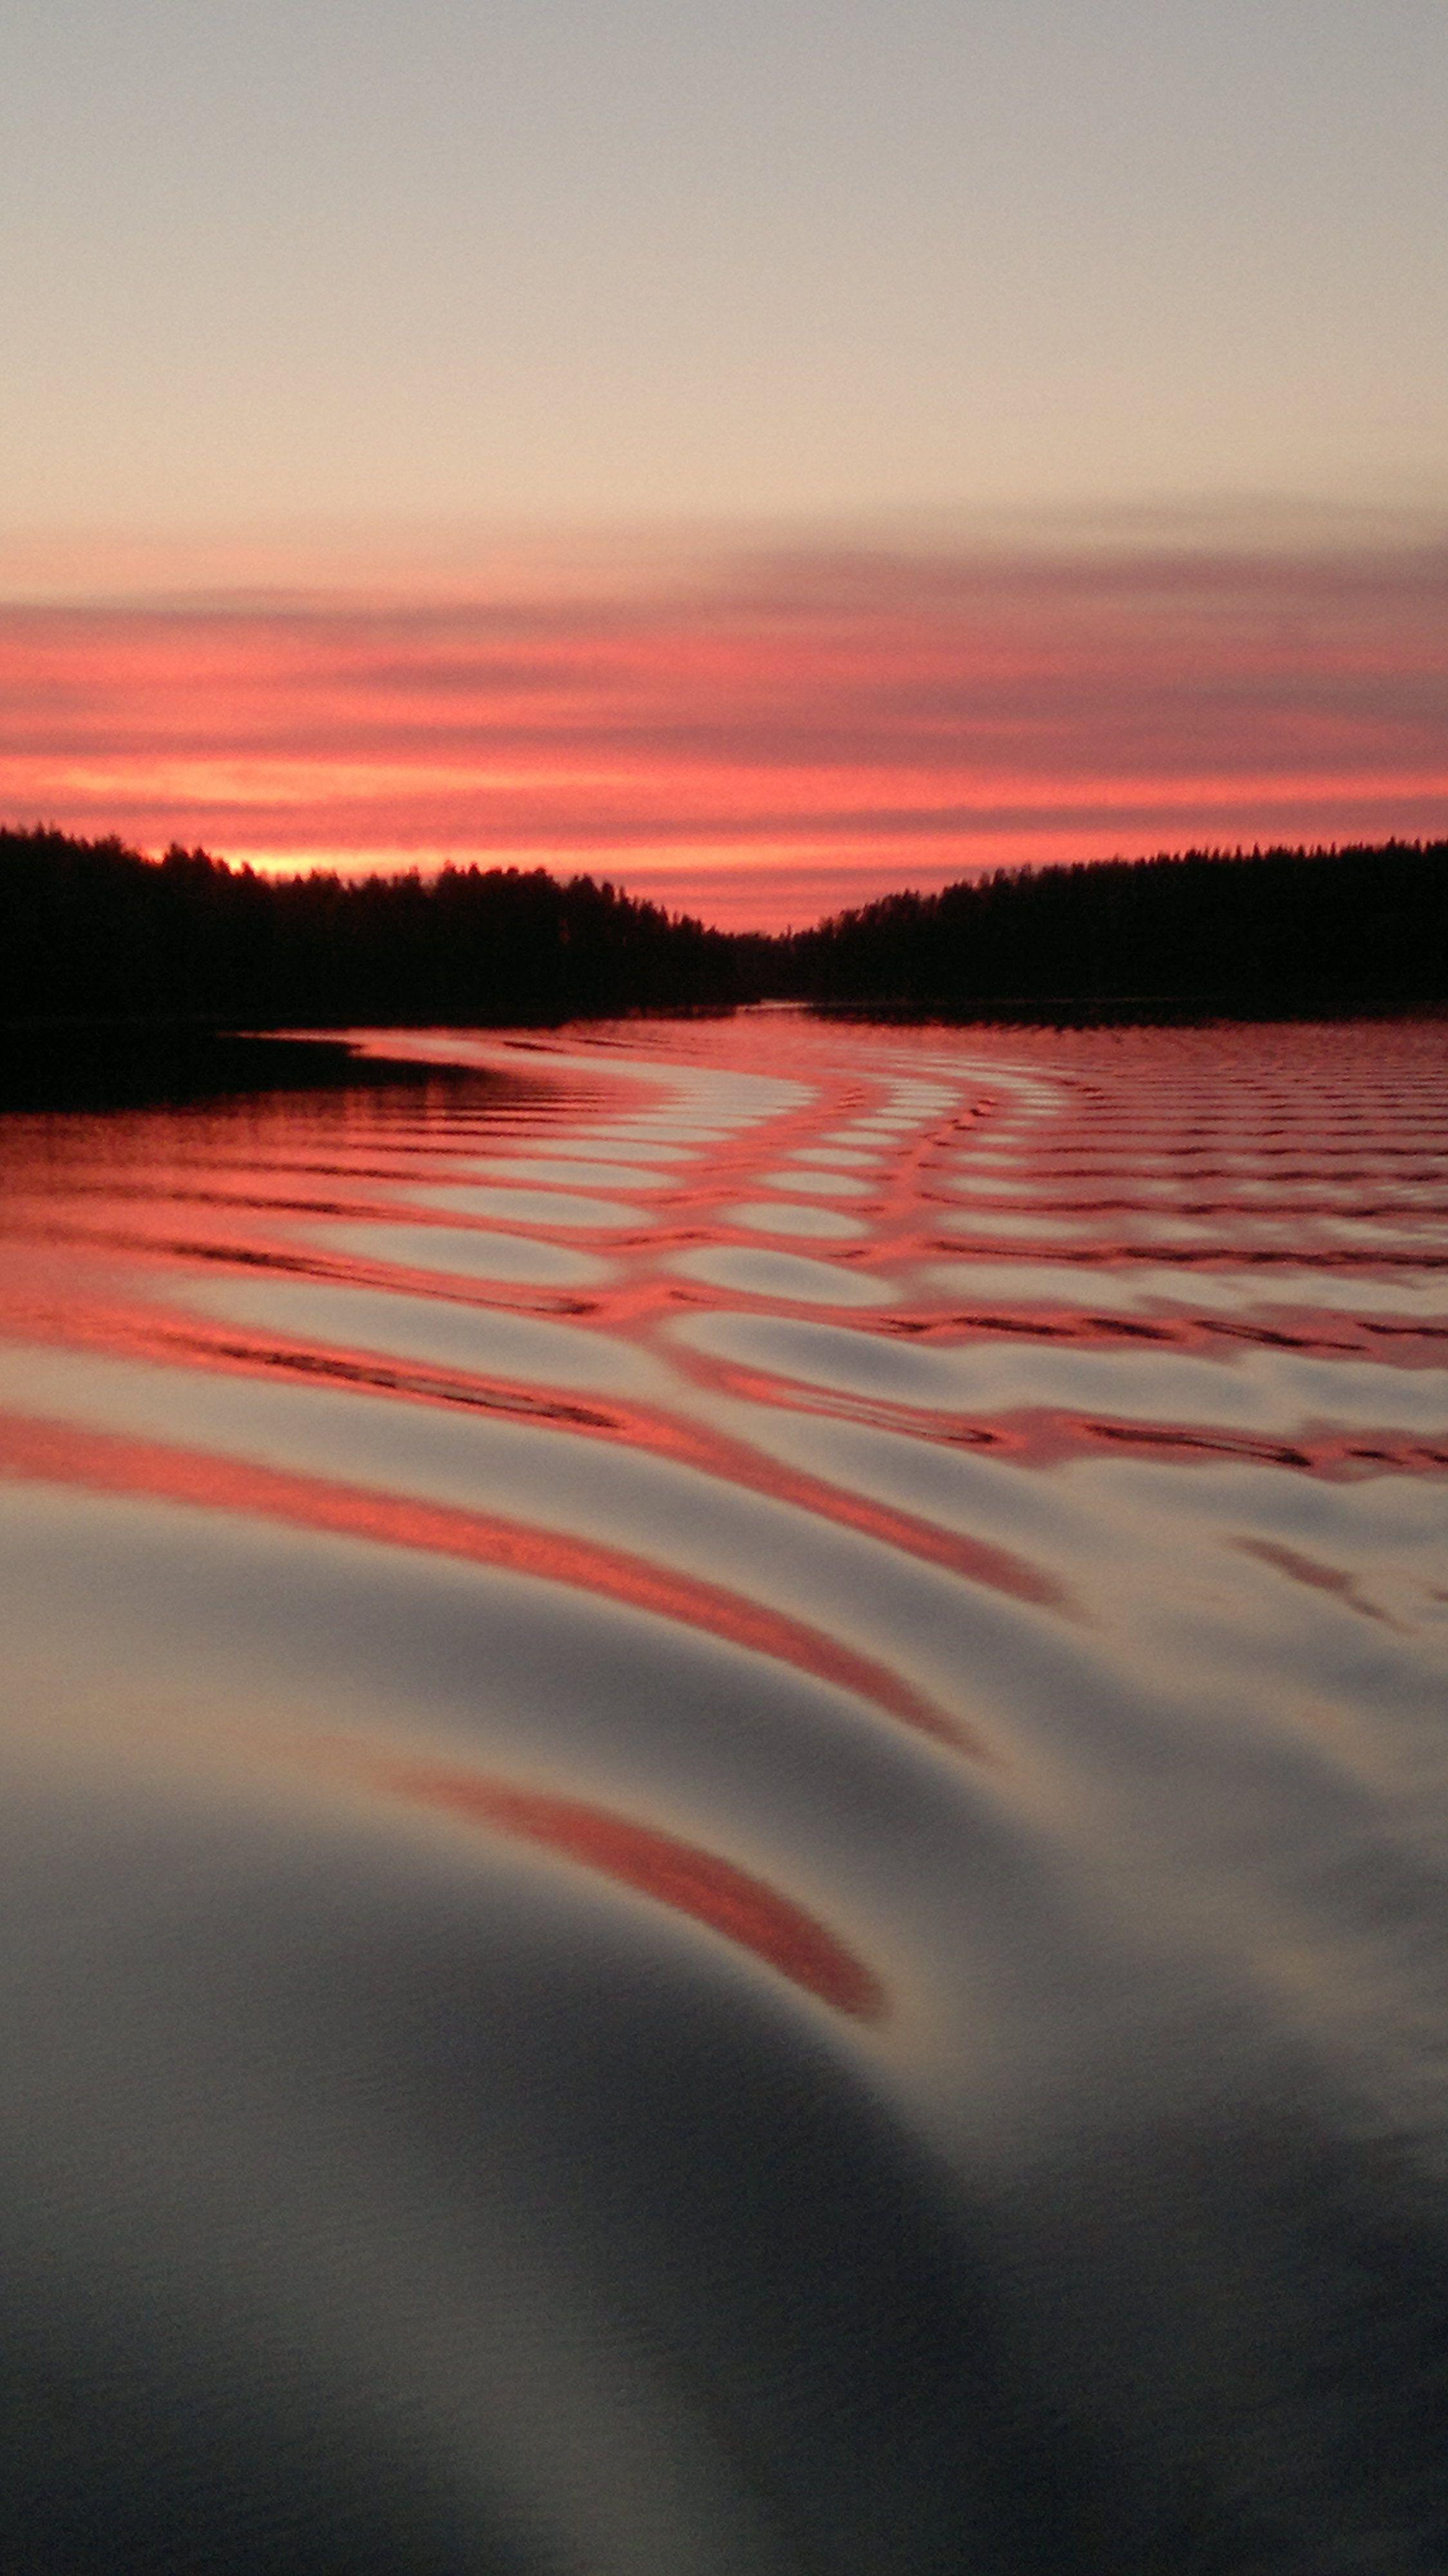 Saimaa kevät iltana veneestä